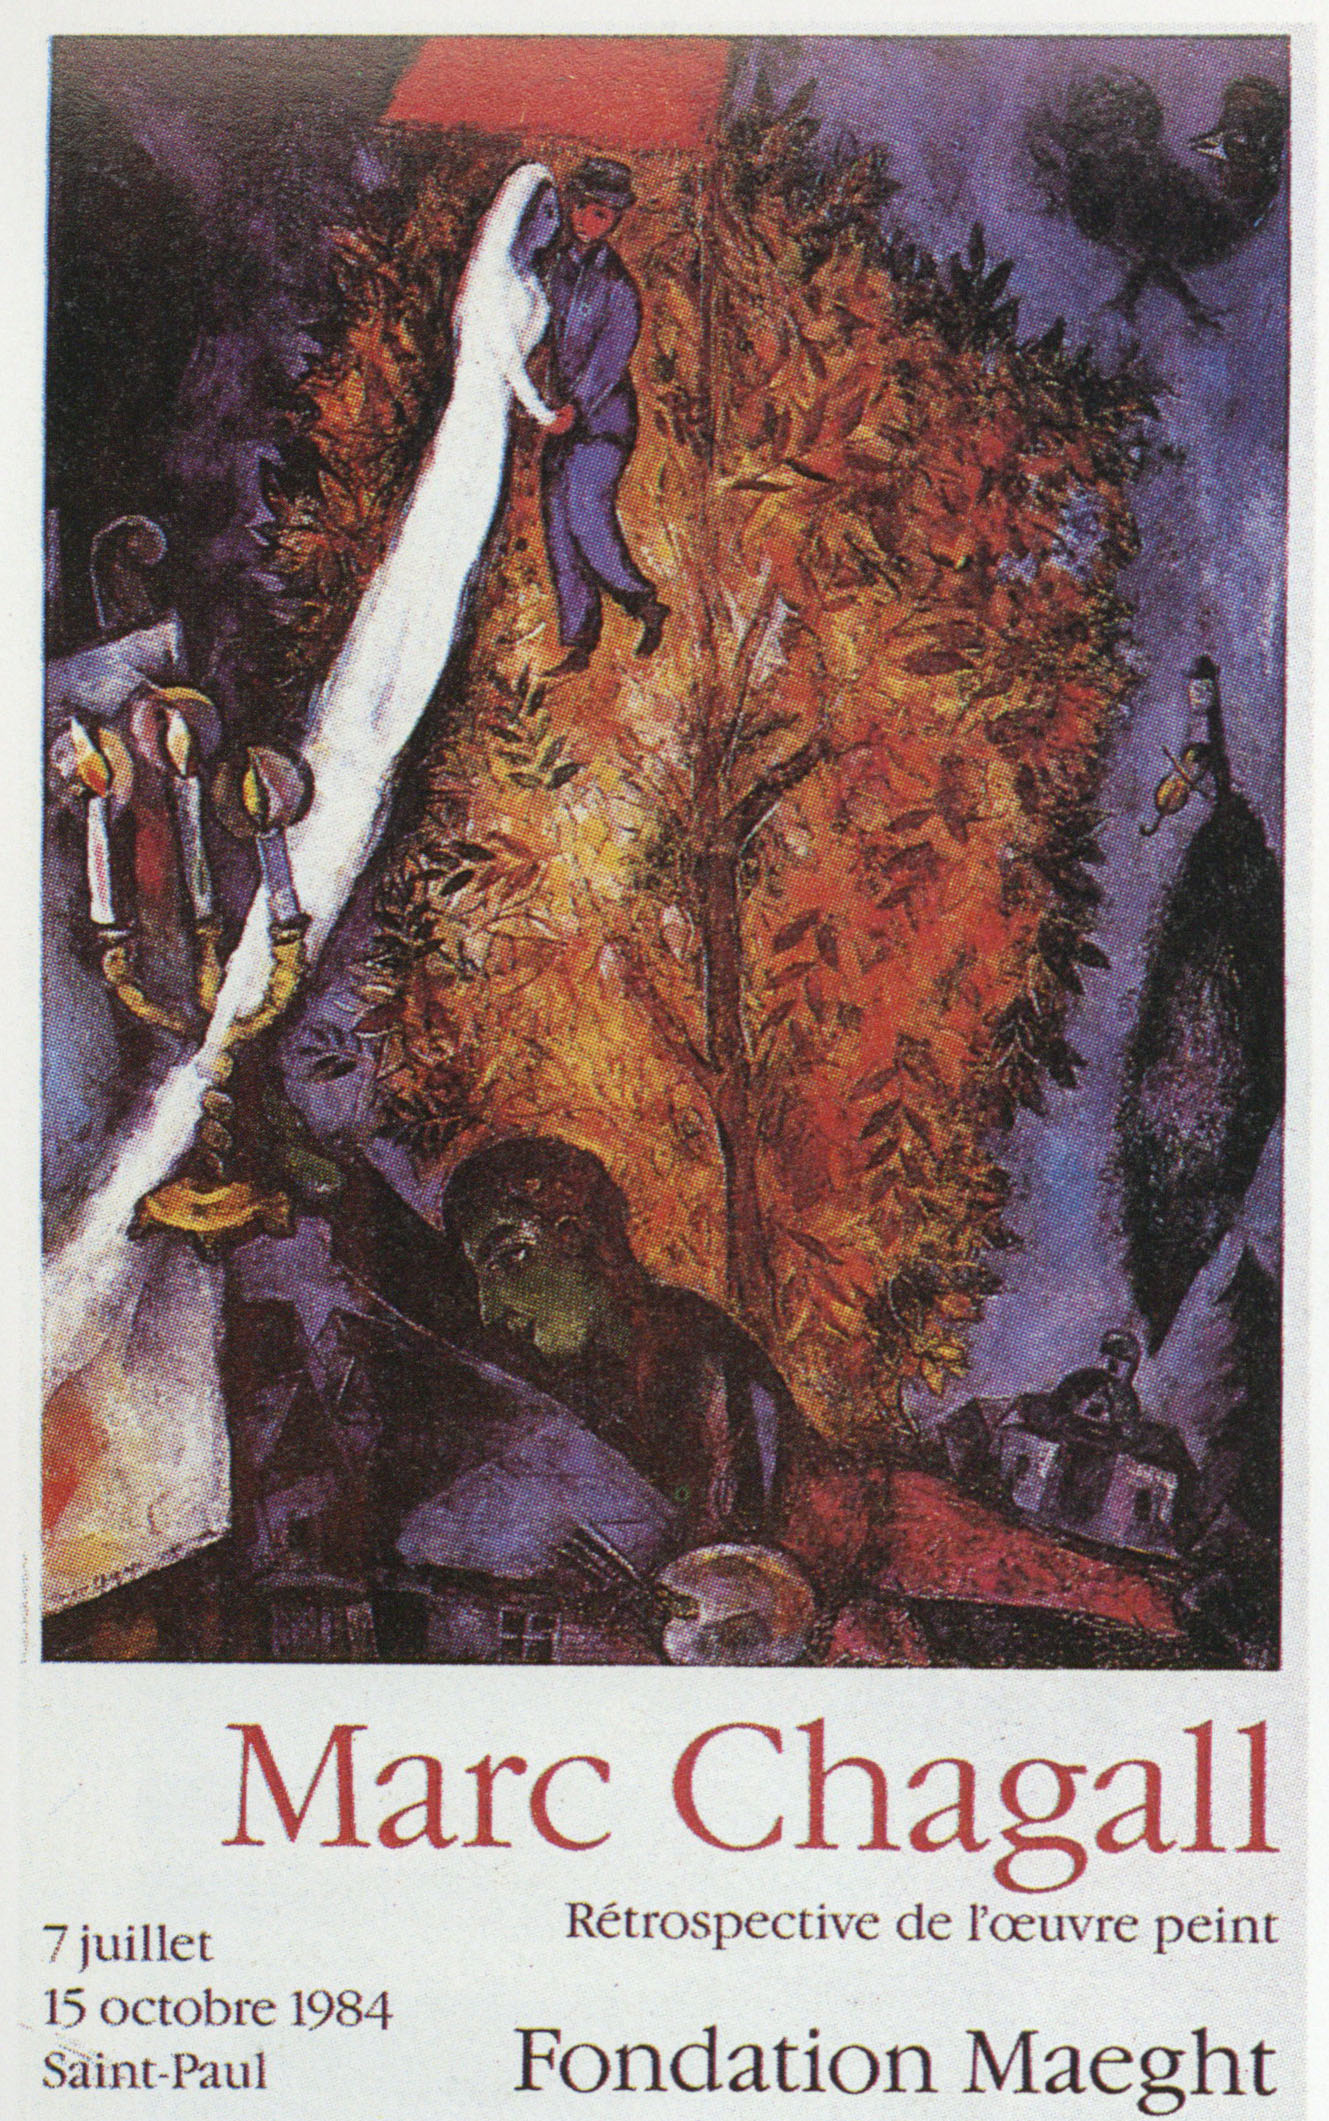 マルク・シャガール ポスター「L'Arbre de vie」/Marc Chagall